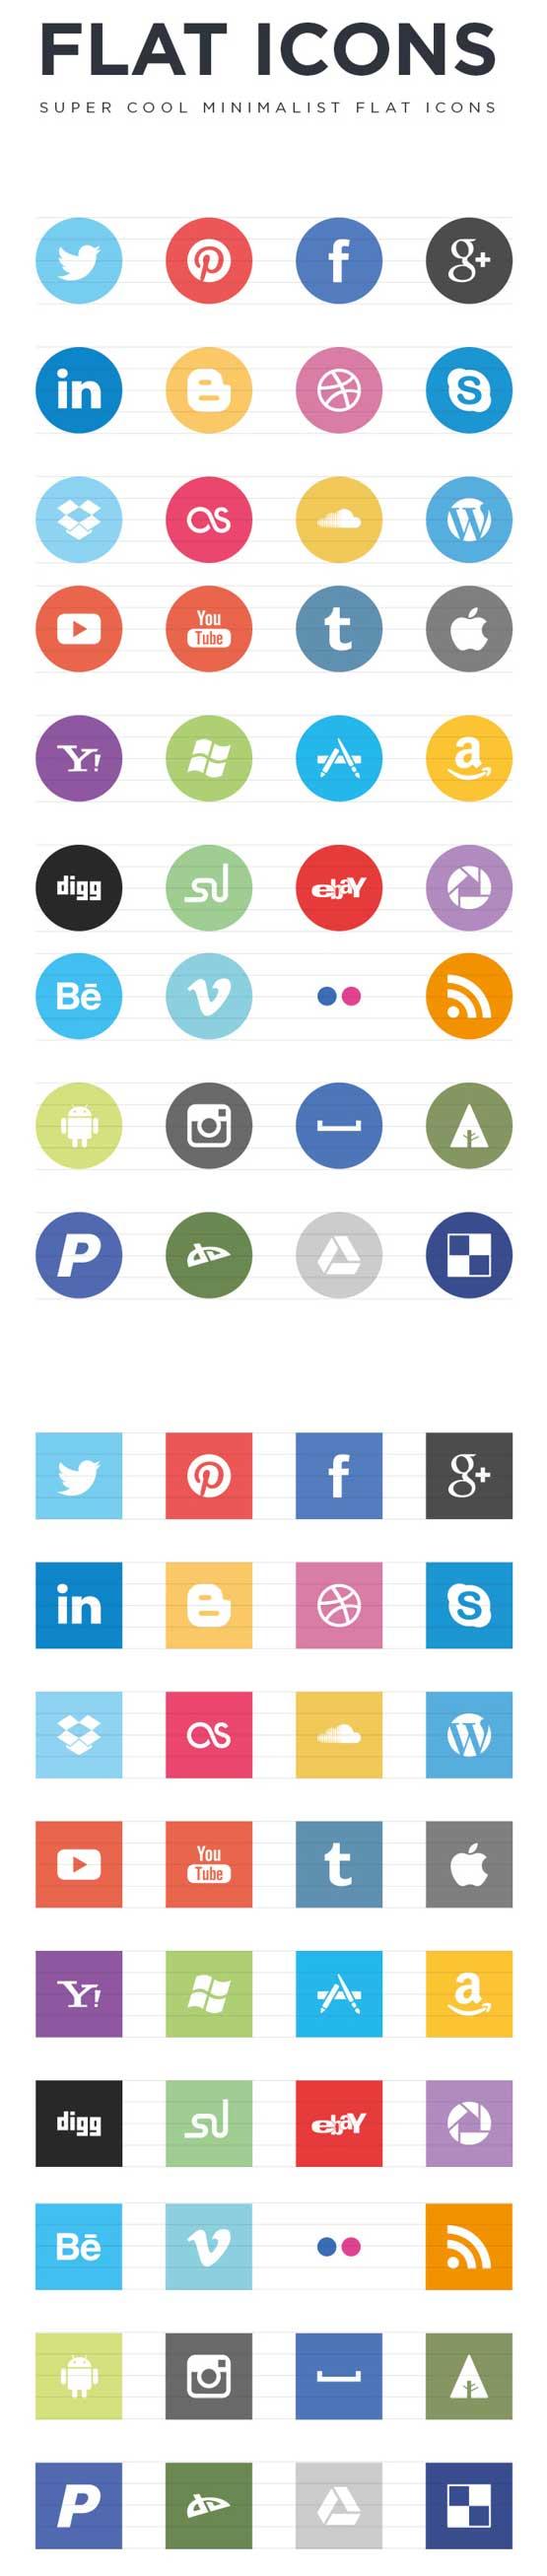 FREE-Flat-Social-Icons-EPS